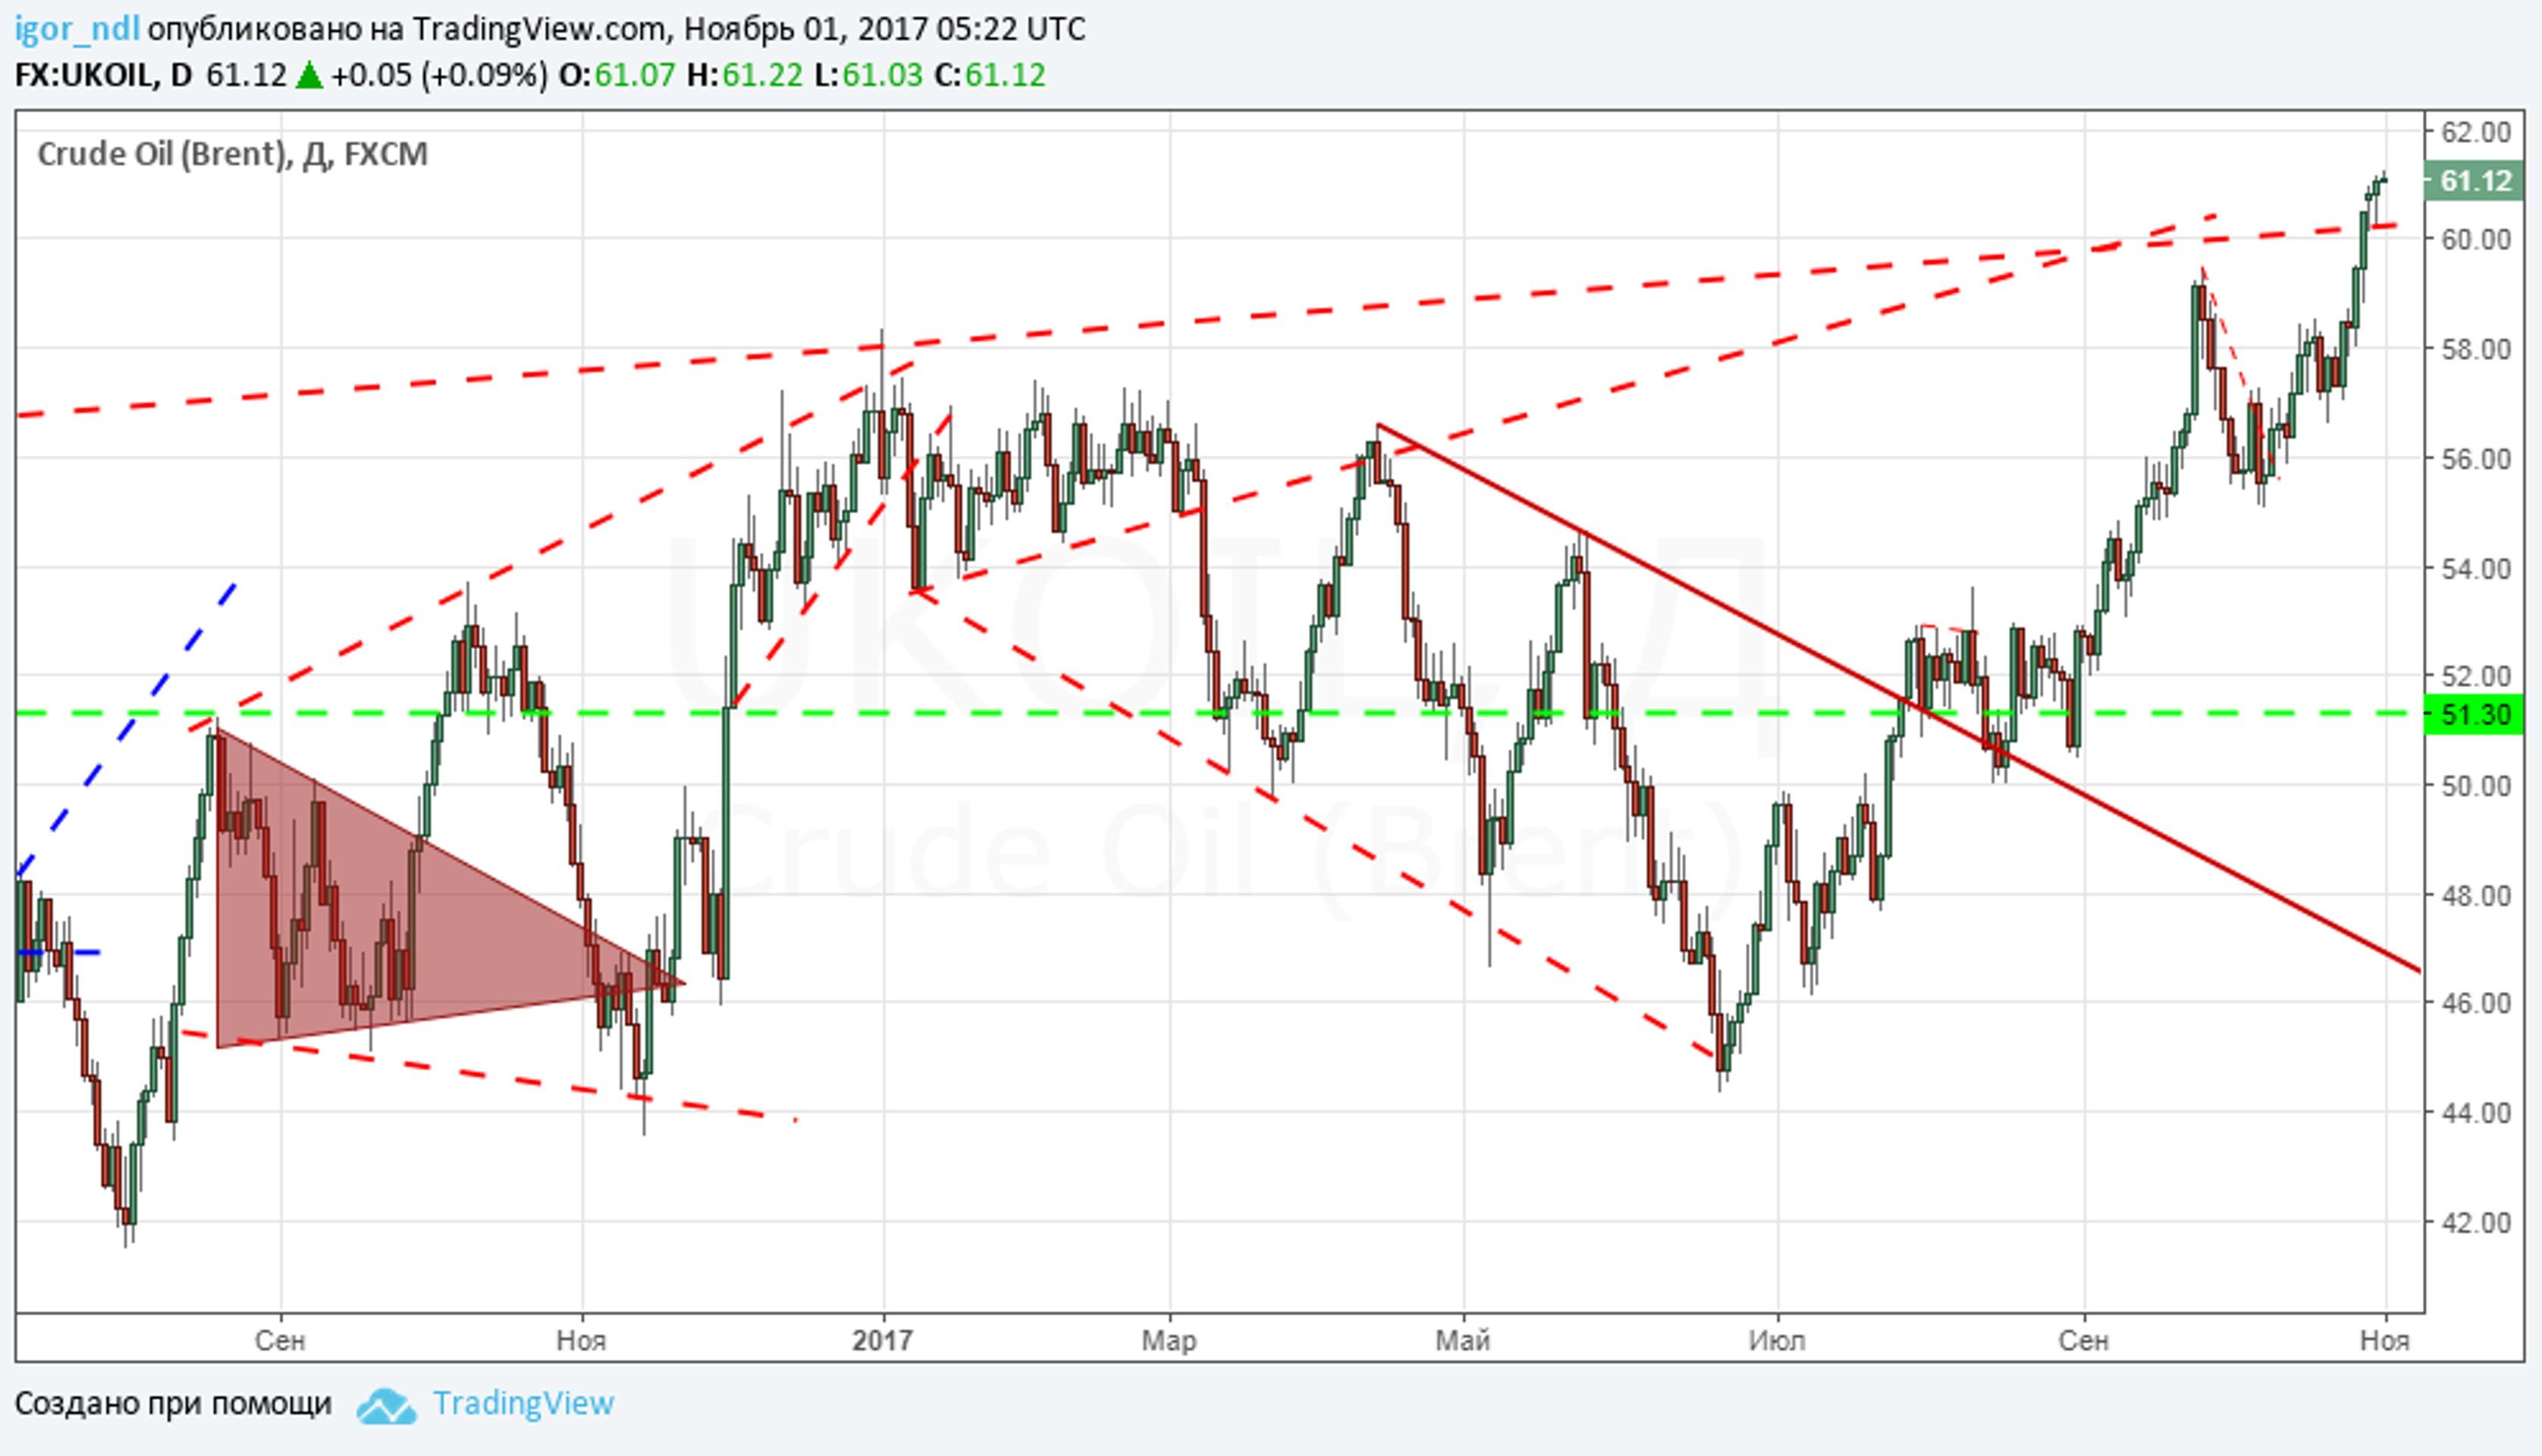 Цена на нефть в рублях - позитив для бюджета